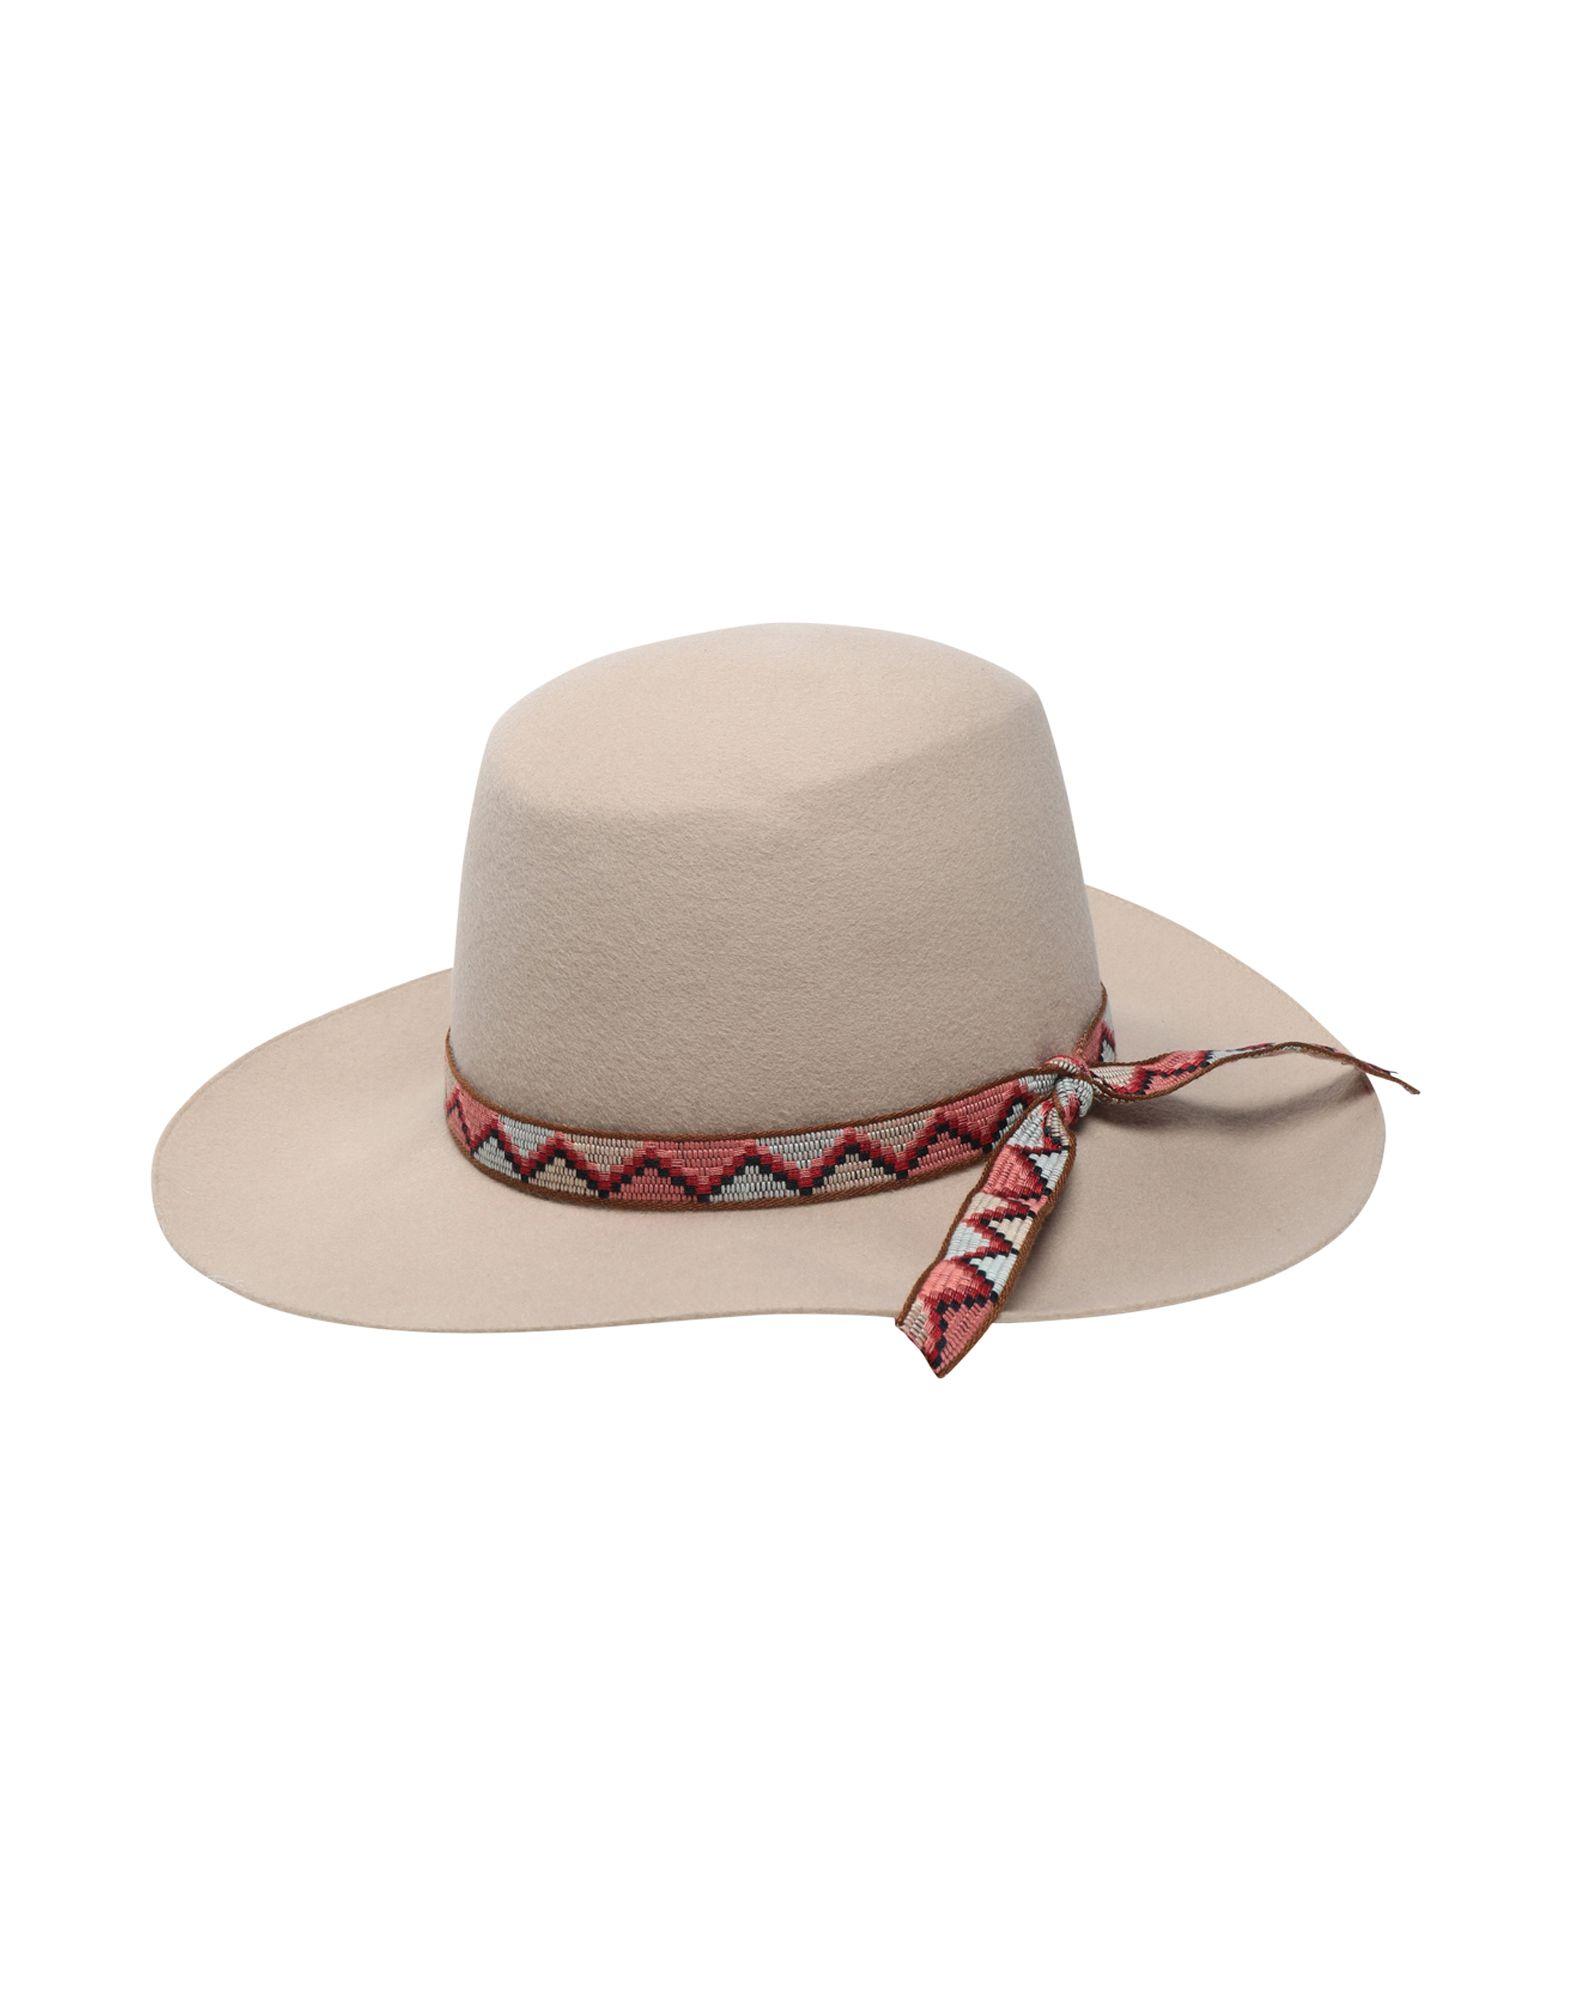 Фото - SUPER DUPER HATS Головной убор hats